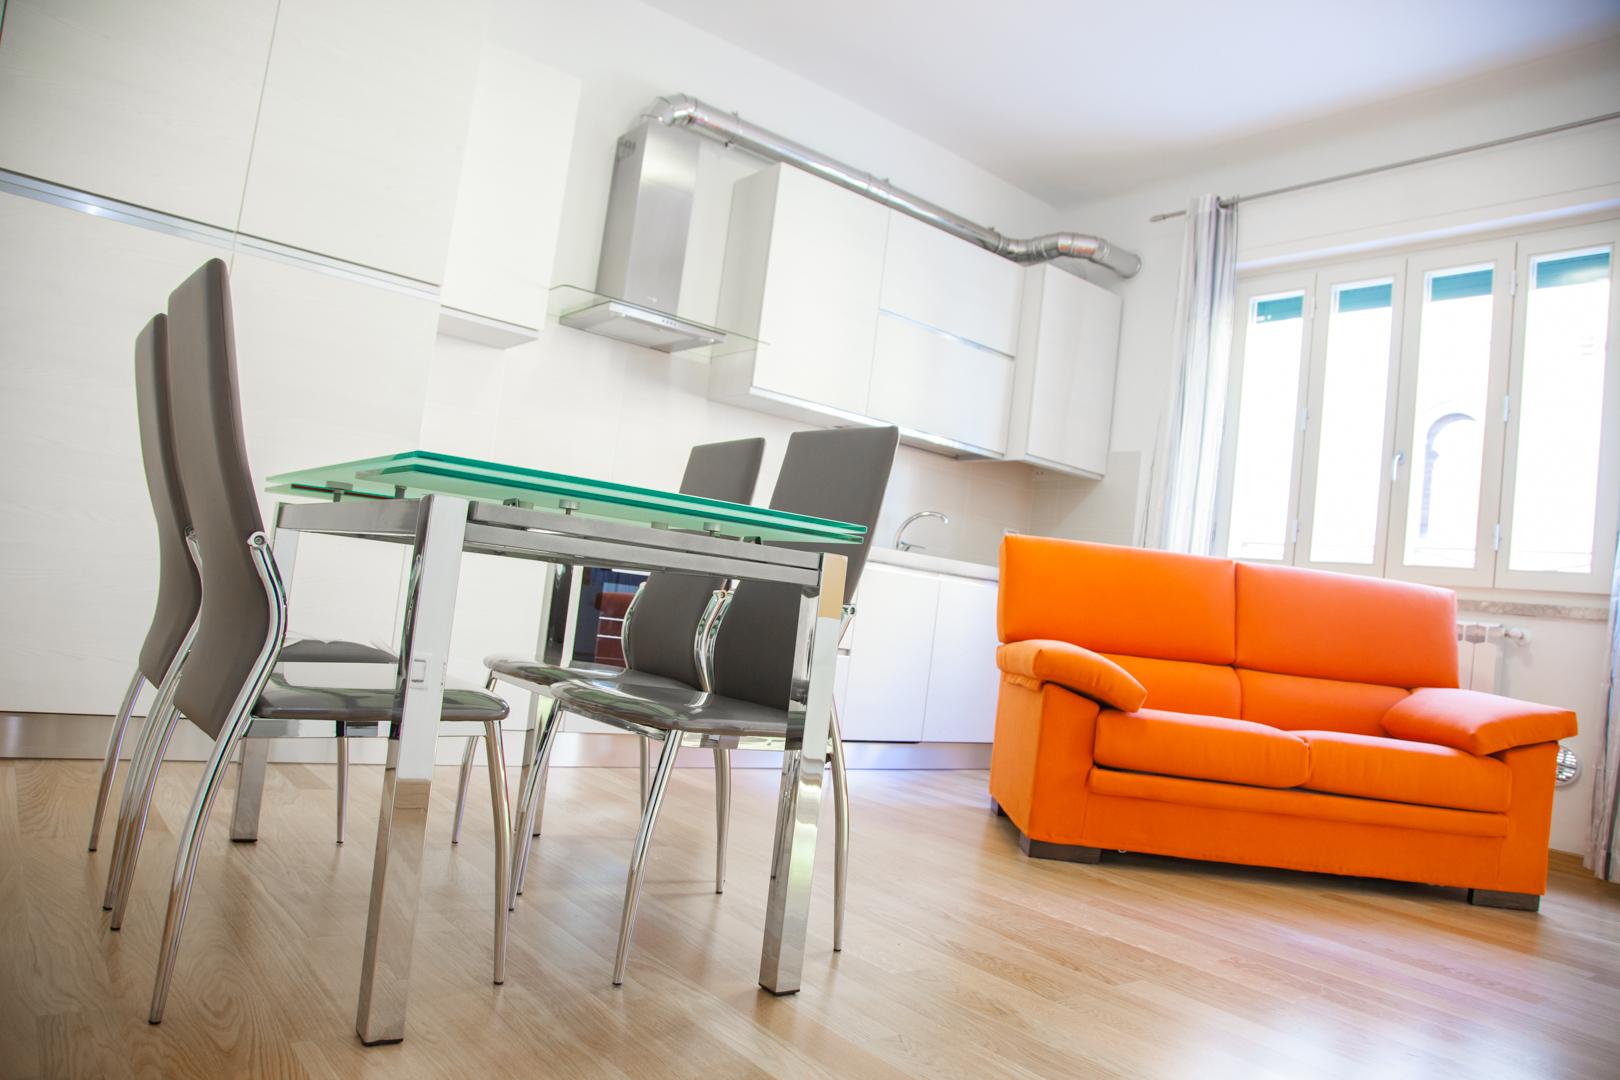 Pisa via queirolo appartamenti in zona centrale - Apertura vano in muratura portante intervento locale ...